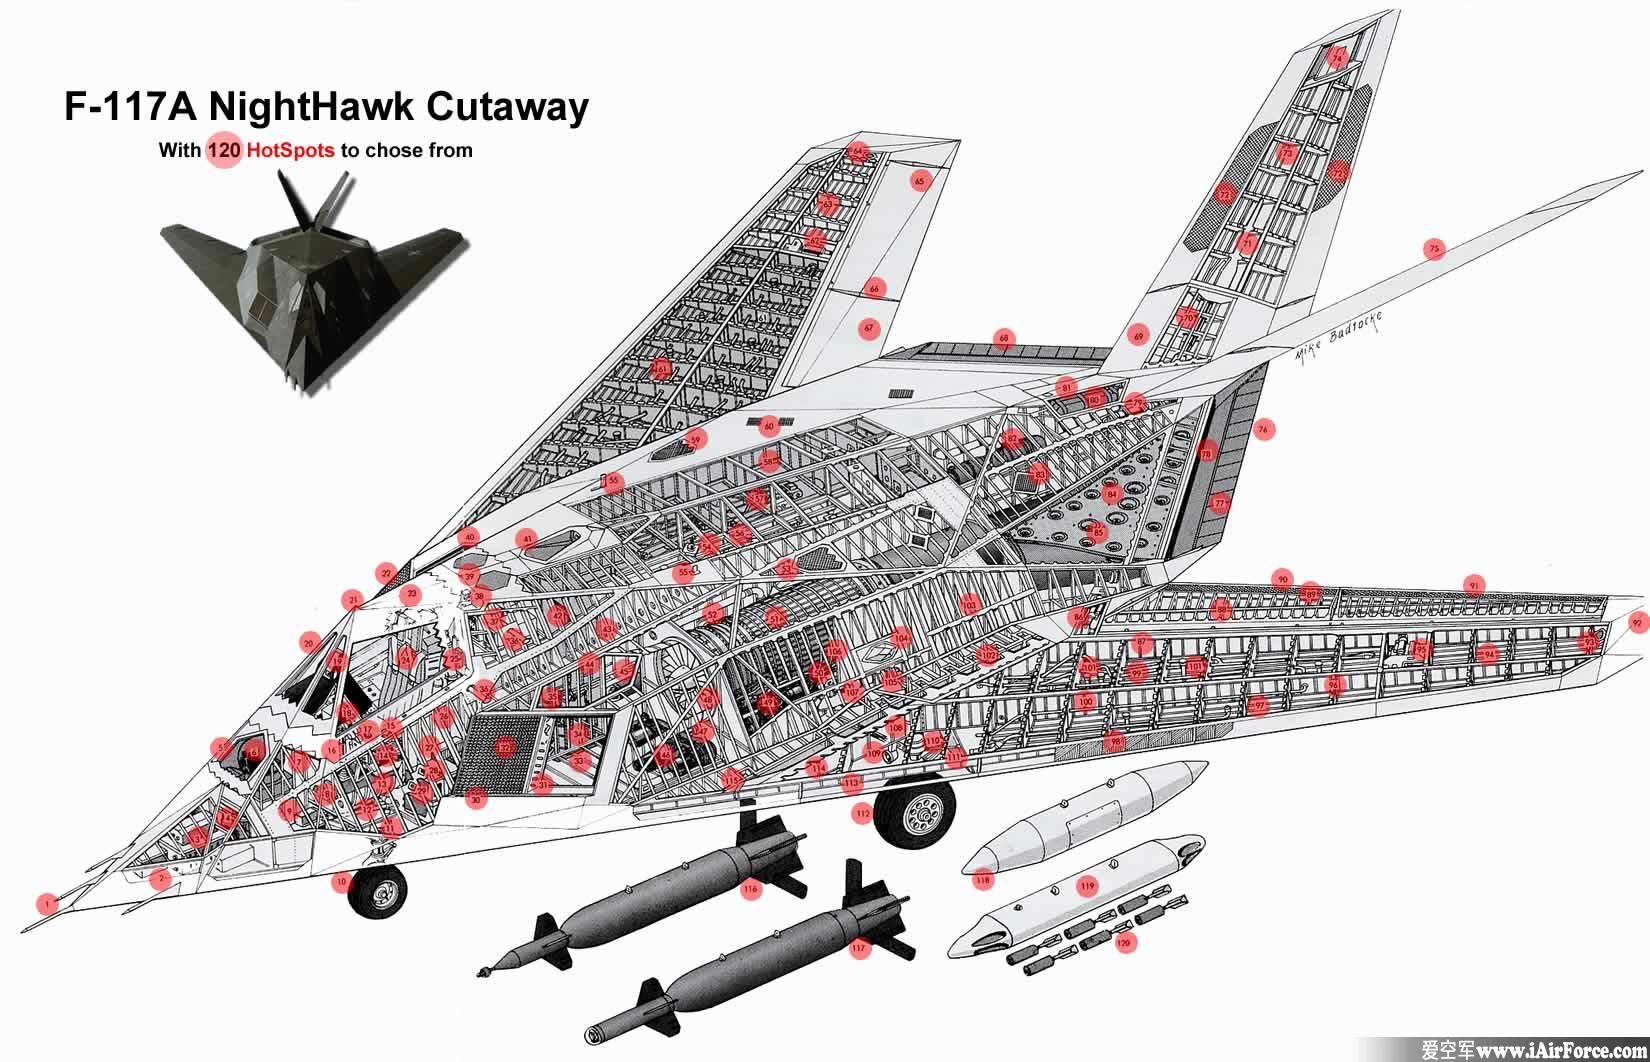 F 117 (航空機)の画像 p1_34